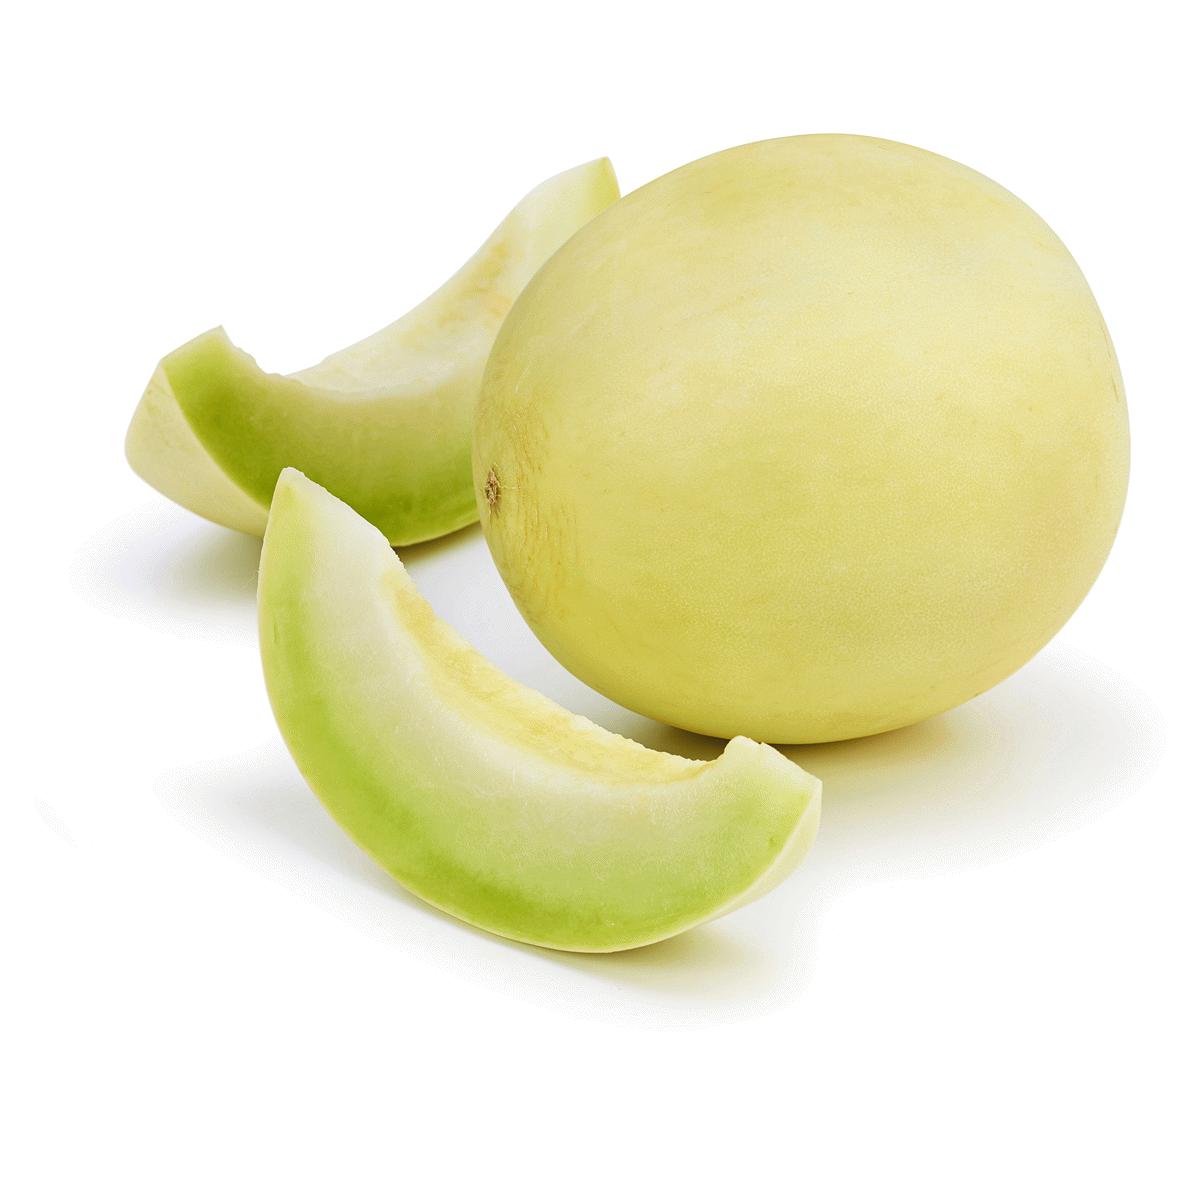 Mmmmm, honeydew melons